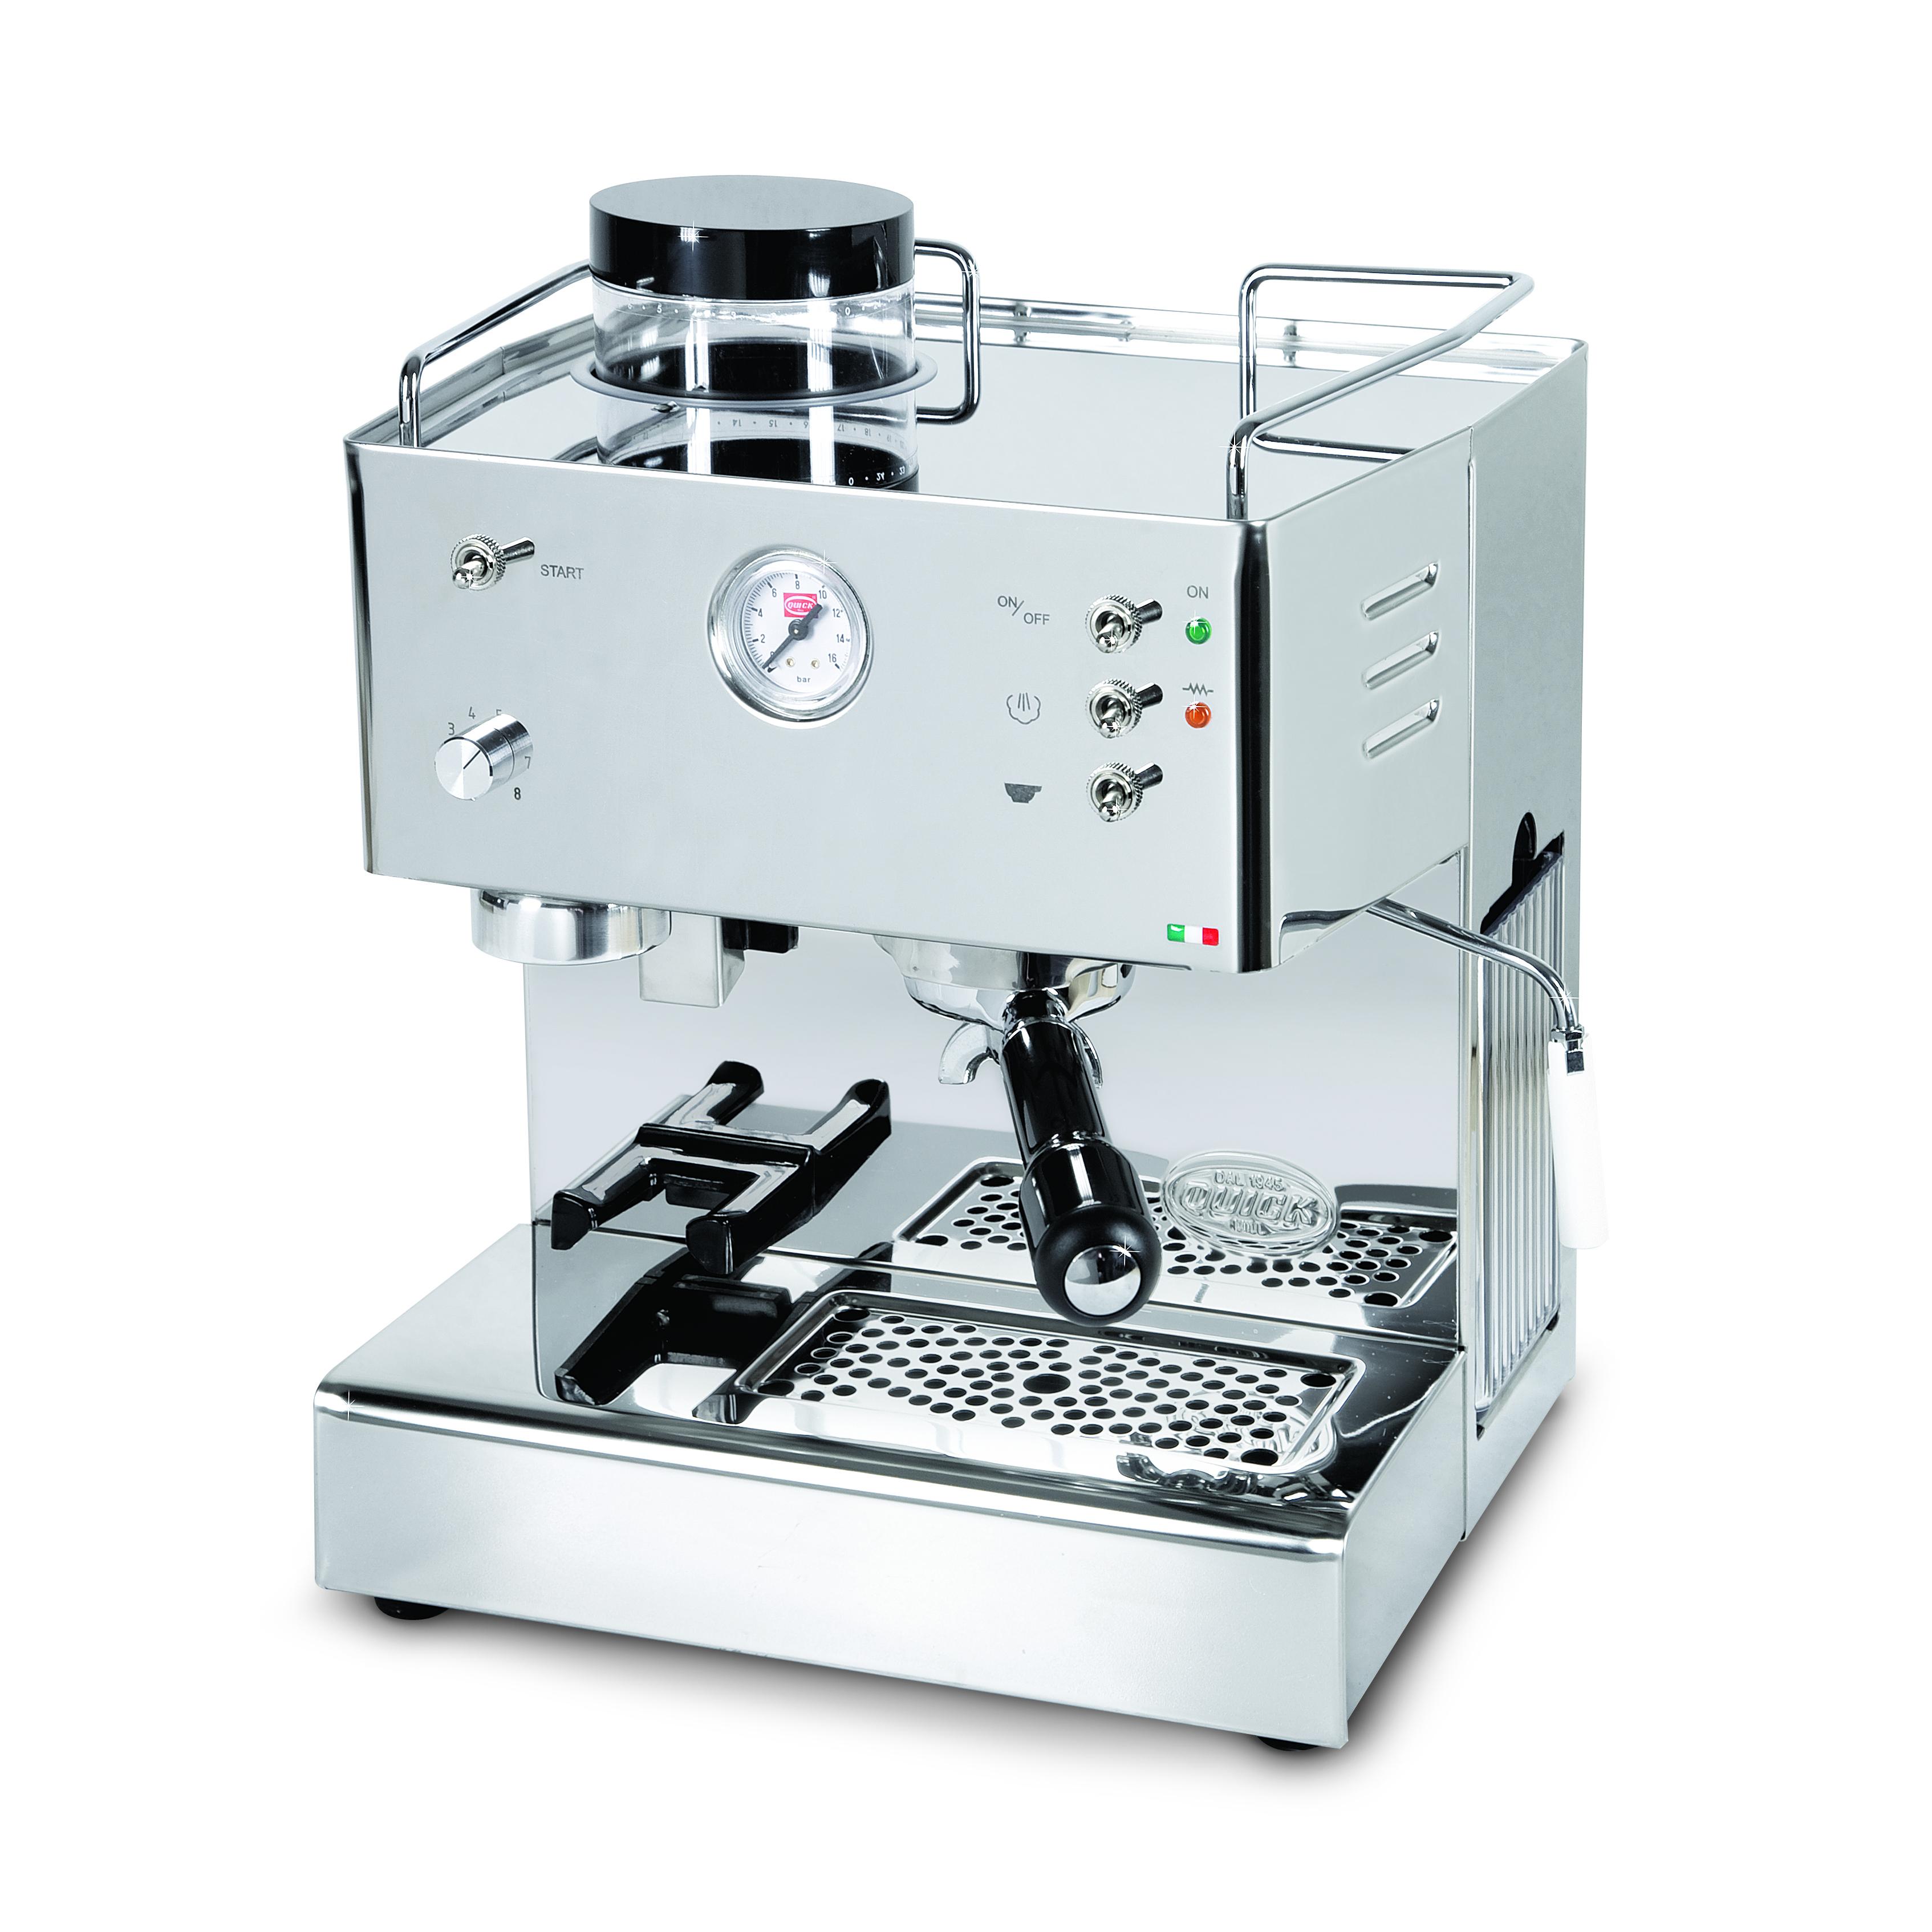 """Quickmill Modell 3035 """"Pegaso"""" Siebträger Espressomaschine"""